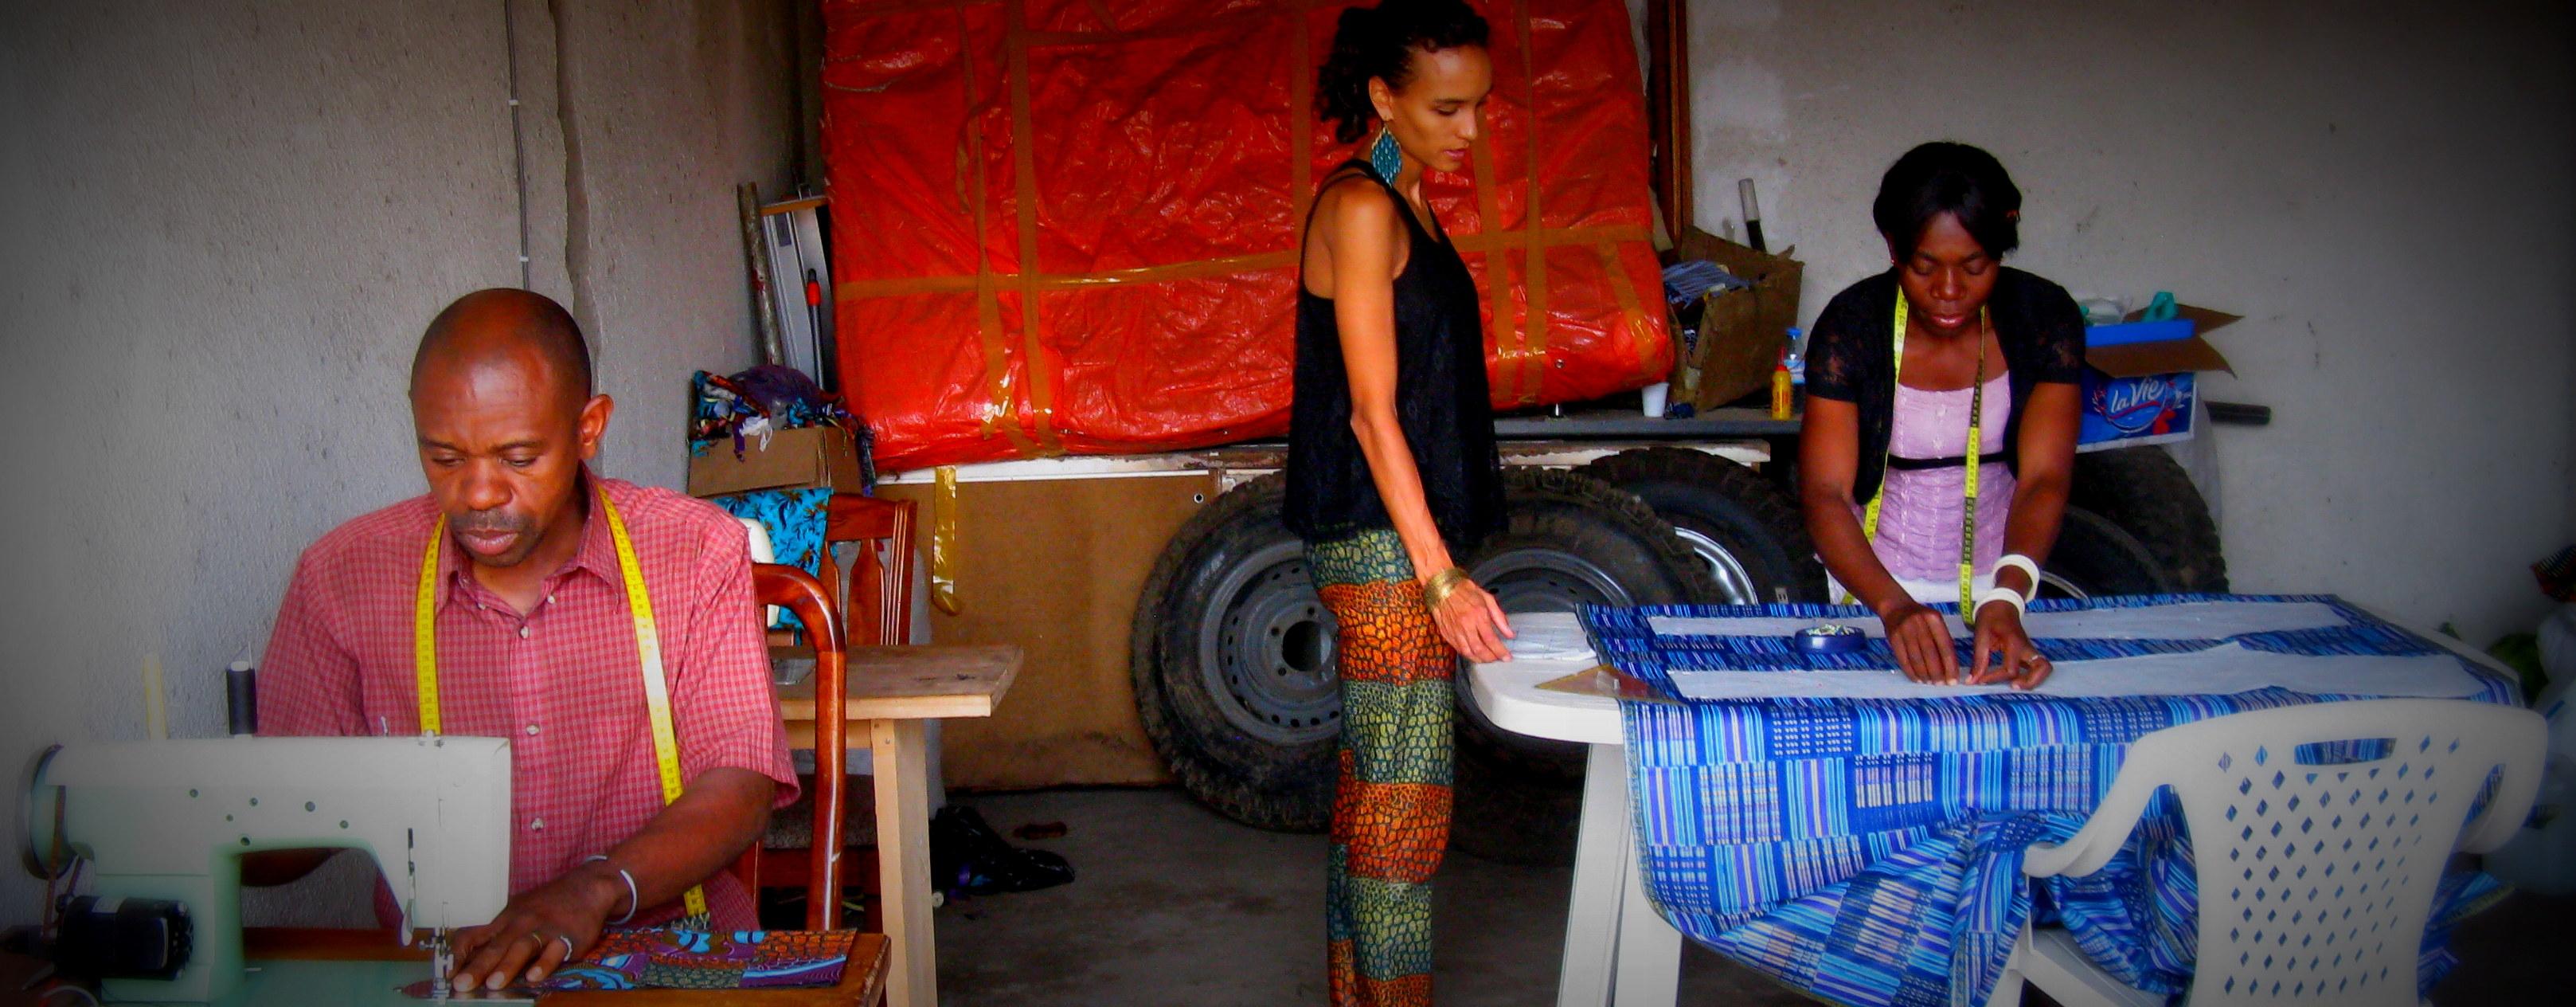 Hosen statt Hilfe – Mode aus dem Ostkongo